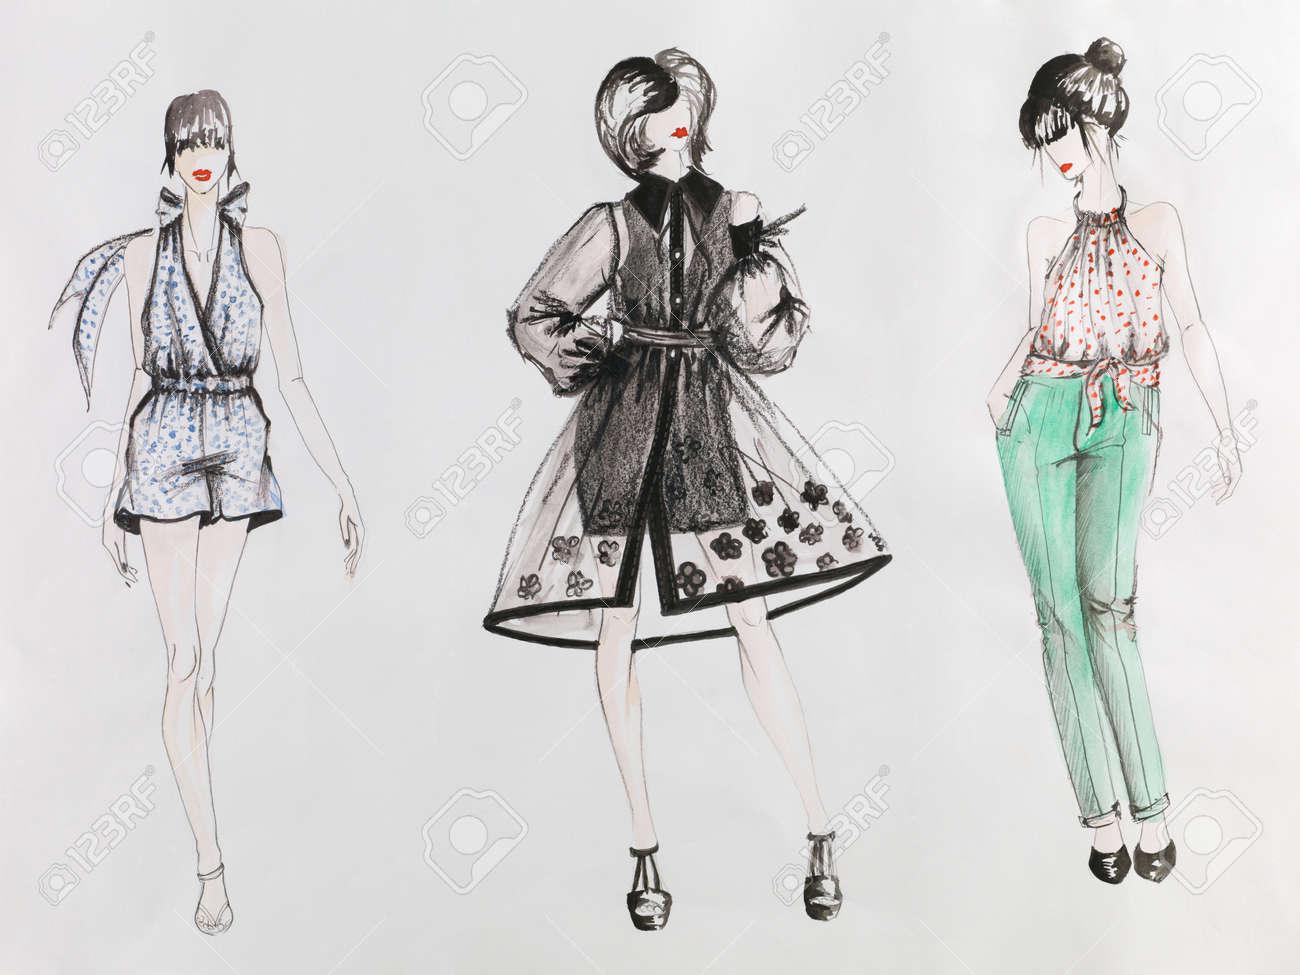 9f9ef1efd Boceto dibujado a mano de la moda. mujeres con vestidos de colores. dibujo  acuarela